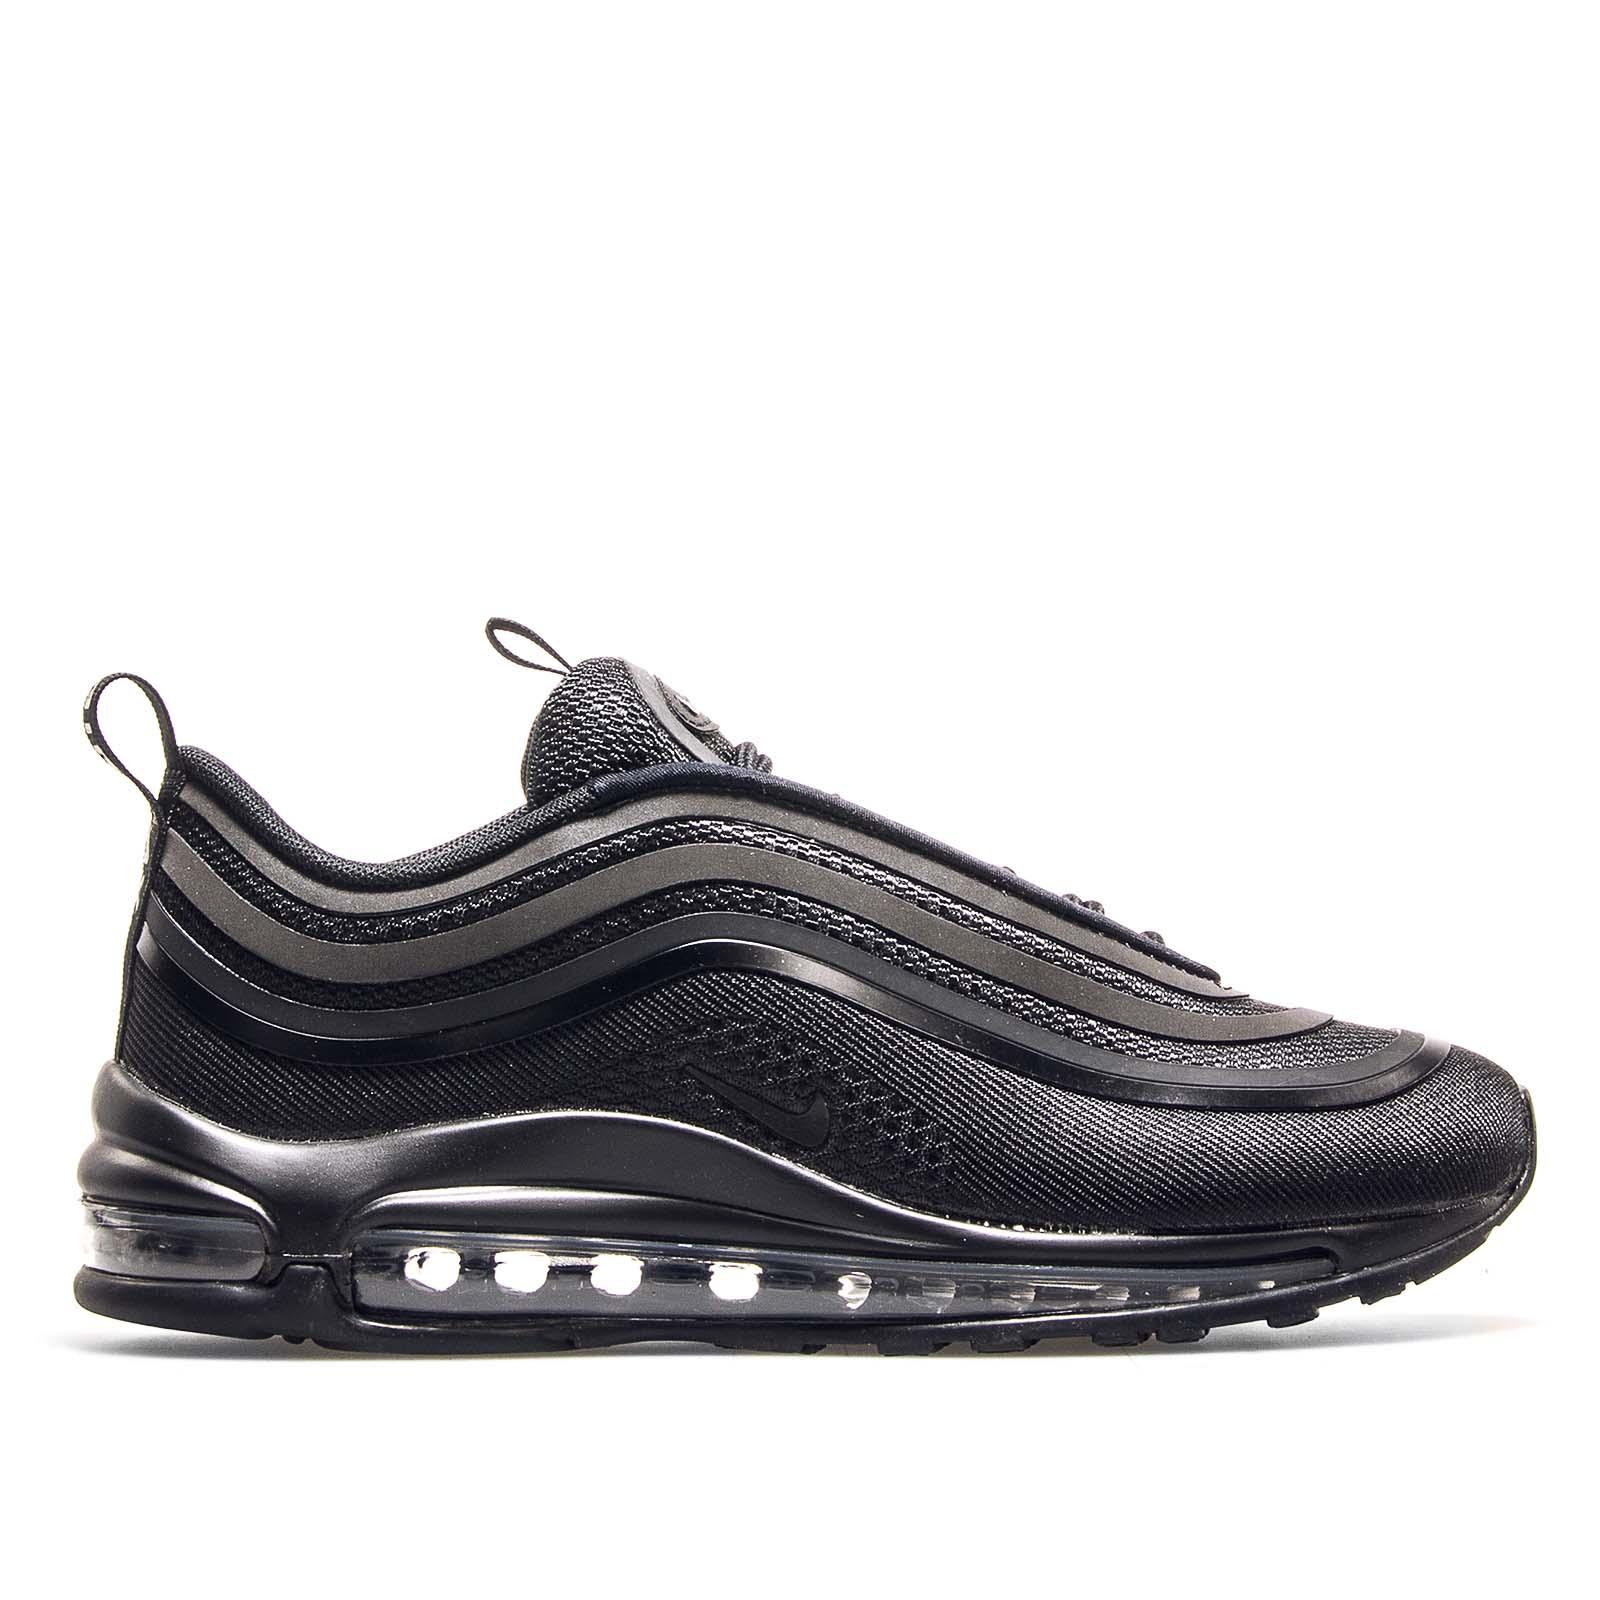 Schwarzen Schwarzen Schwarzen Herren Sneaker von Nike online kaufen BodycheckSneaker 142776